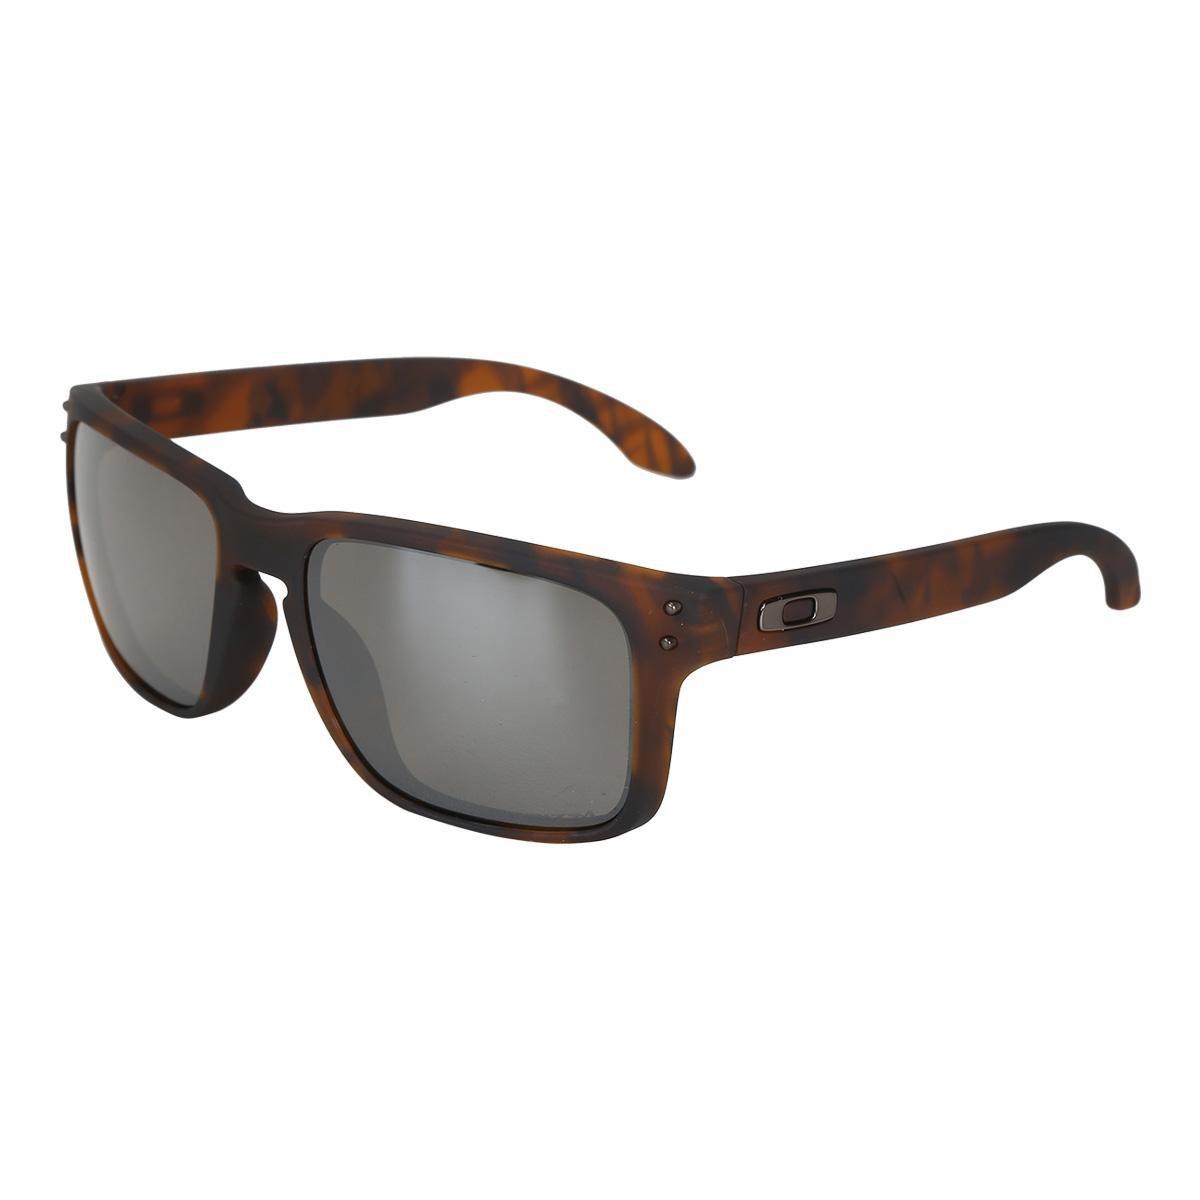 d2322beb9f8a8 Óculos de Sol Oakley Holbrook Prizm Tartaruga Masculino - Compre Agora